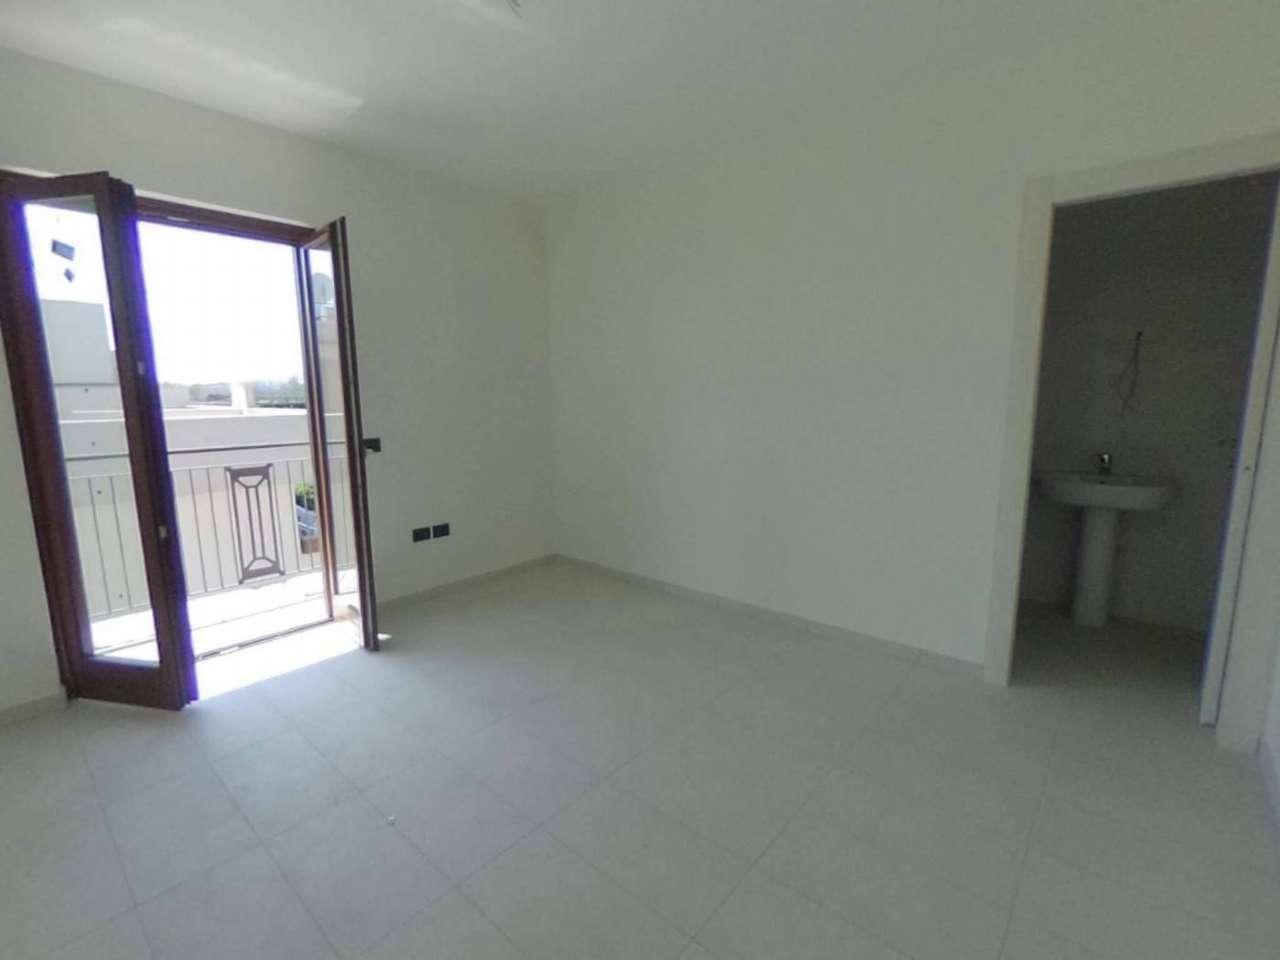 Appartamento in vendita a Nola, 5 locali, prezzo € 140.000 | PortaleAgenzieImmobiliari.it